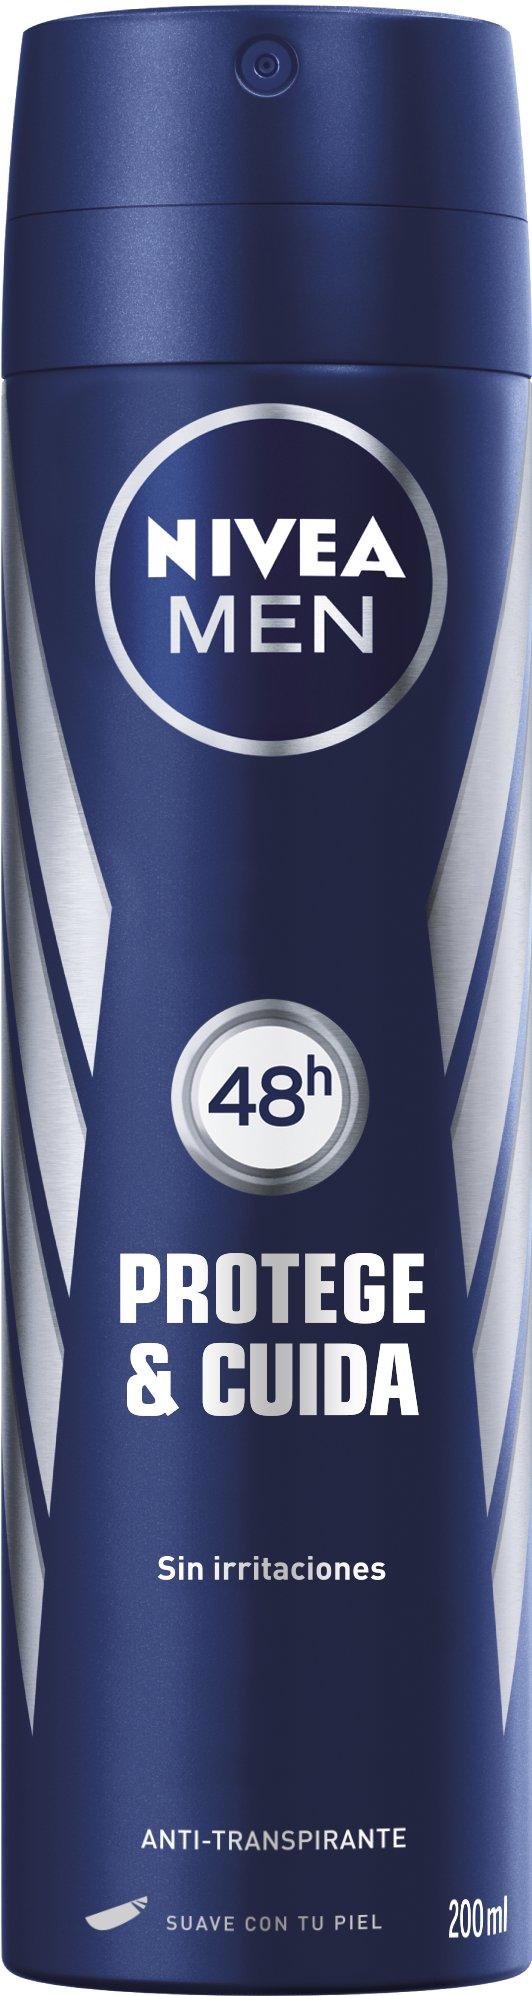 NIVEA MEN Protege & Cuida Spray (1 x 200 ml), desodorante para hombre con máxima protección 48 horas, spray desodorante de cuidado masculino